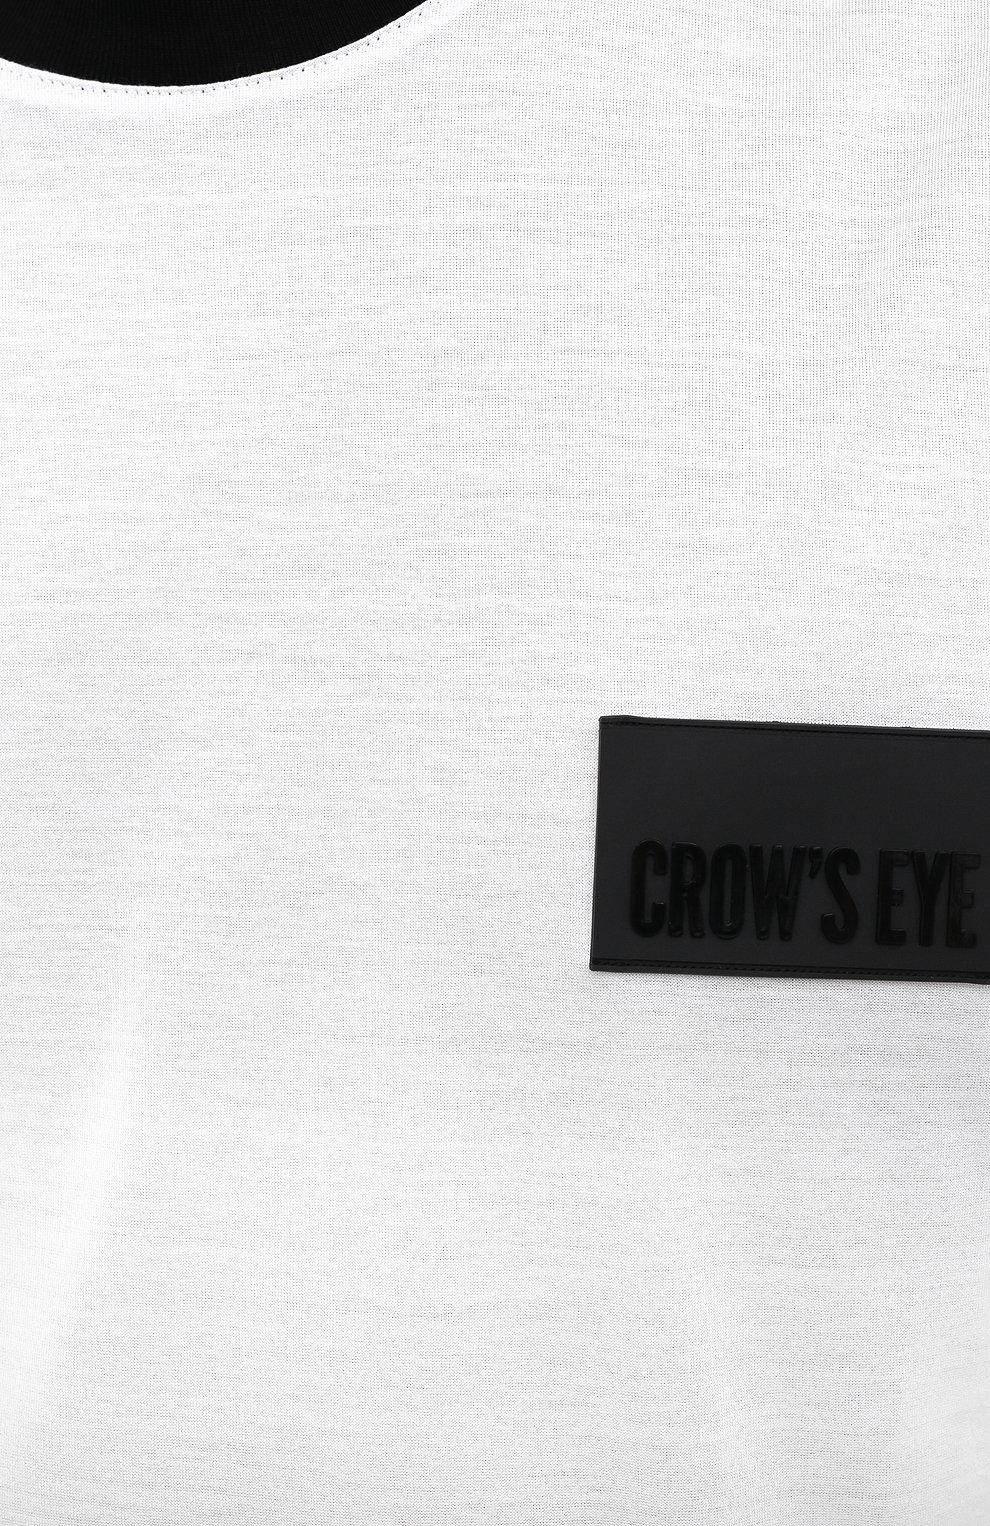 Мужская хлопковая футболка CROW'S EYE белого цвета, арт. LE 61   Фото 5 (Принт: Без принта; Рукава: Короткие; Длина (для топов): Стандартные; Мужское Кросс-КТ: Футболка-одежда; Материал внешний: Хлопок; Стили: Спорт-шик)